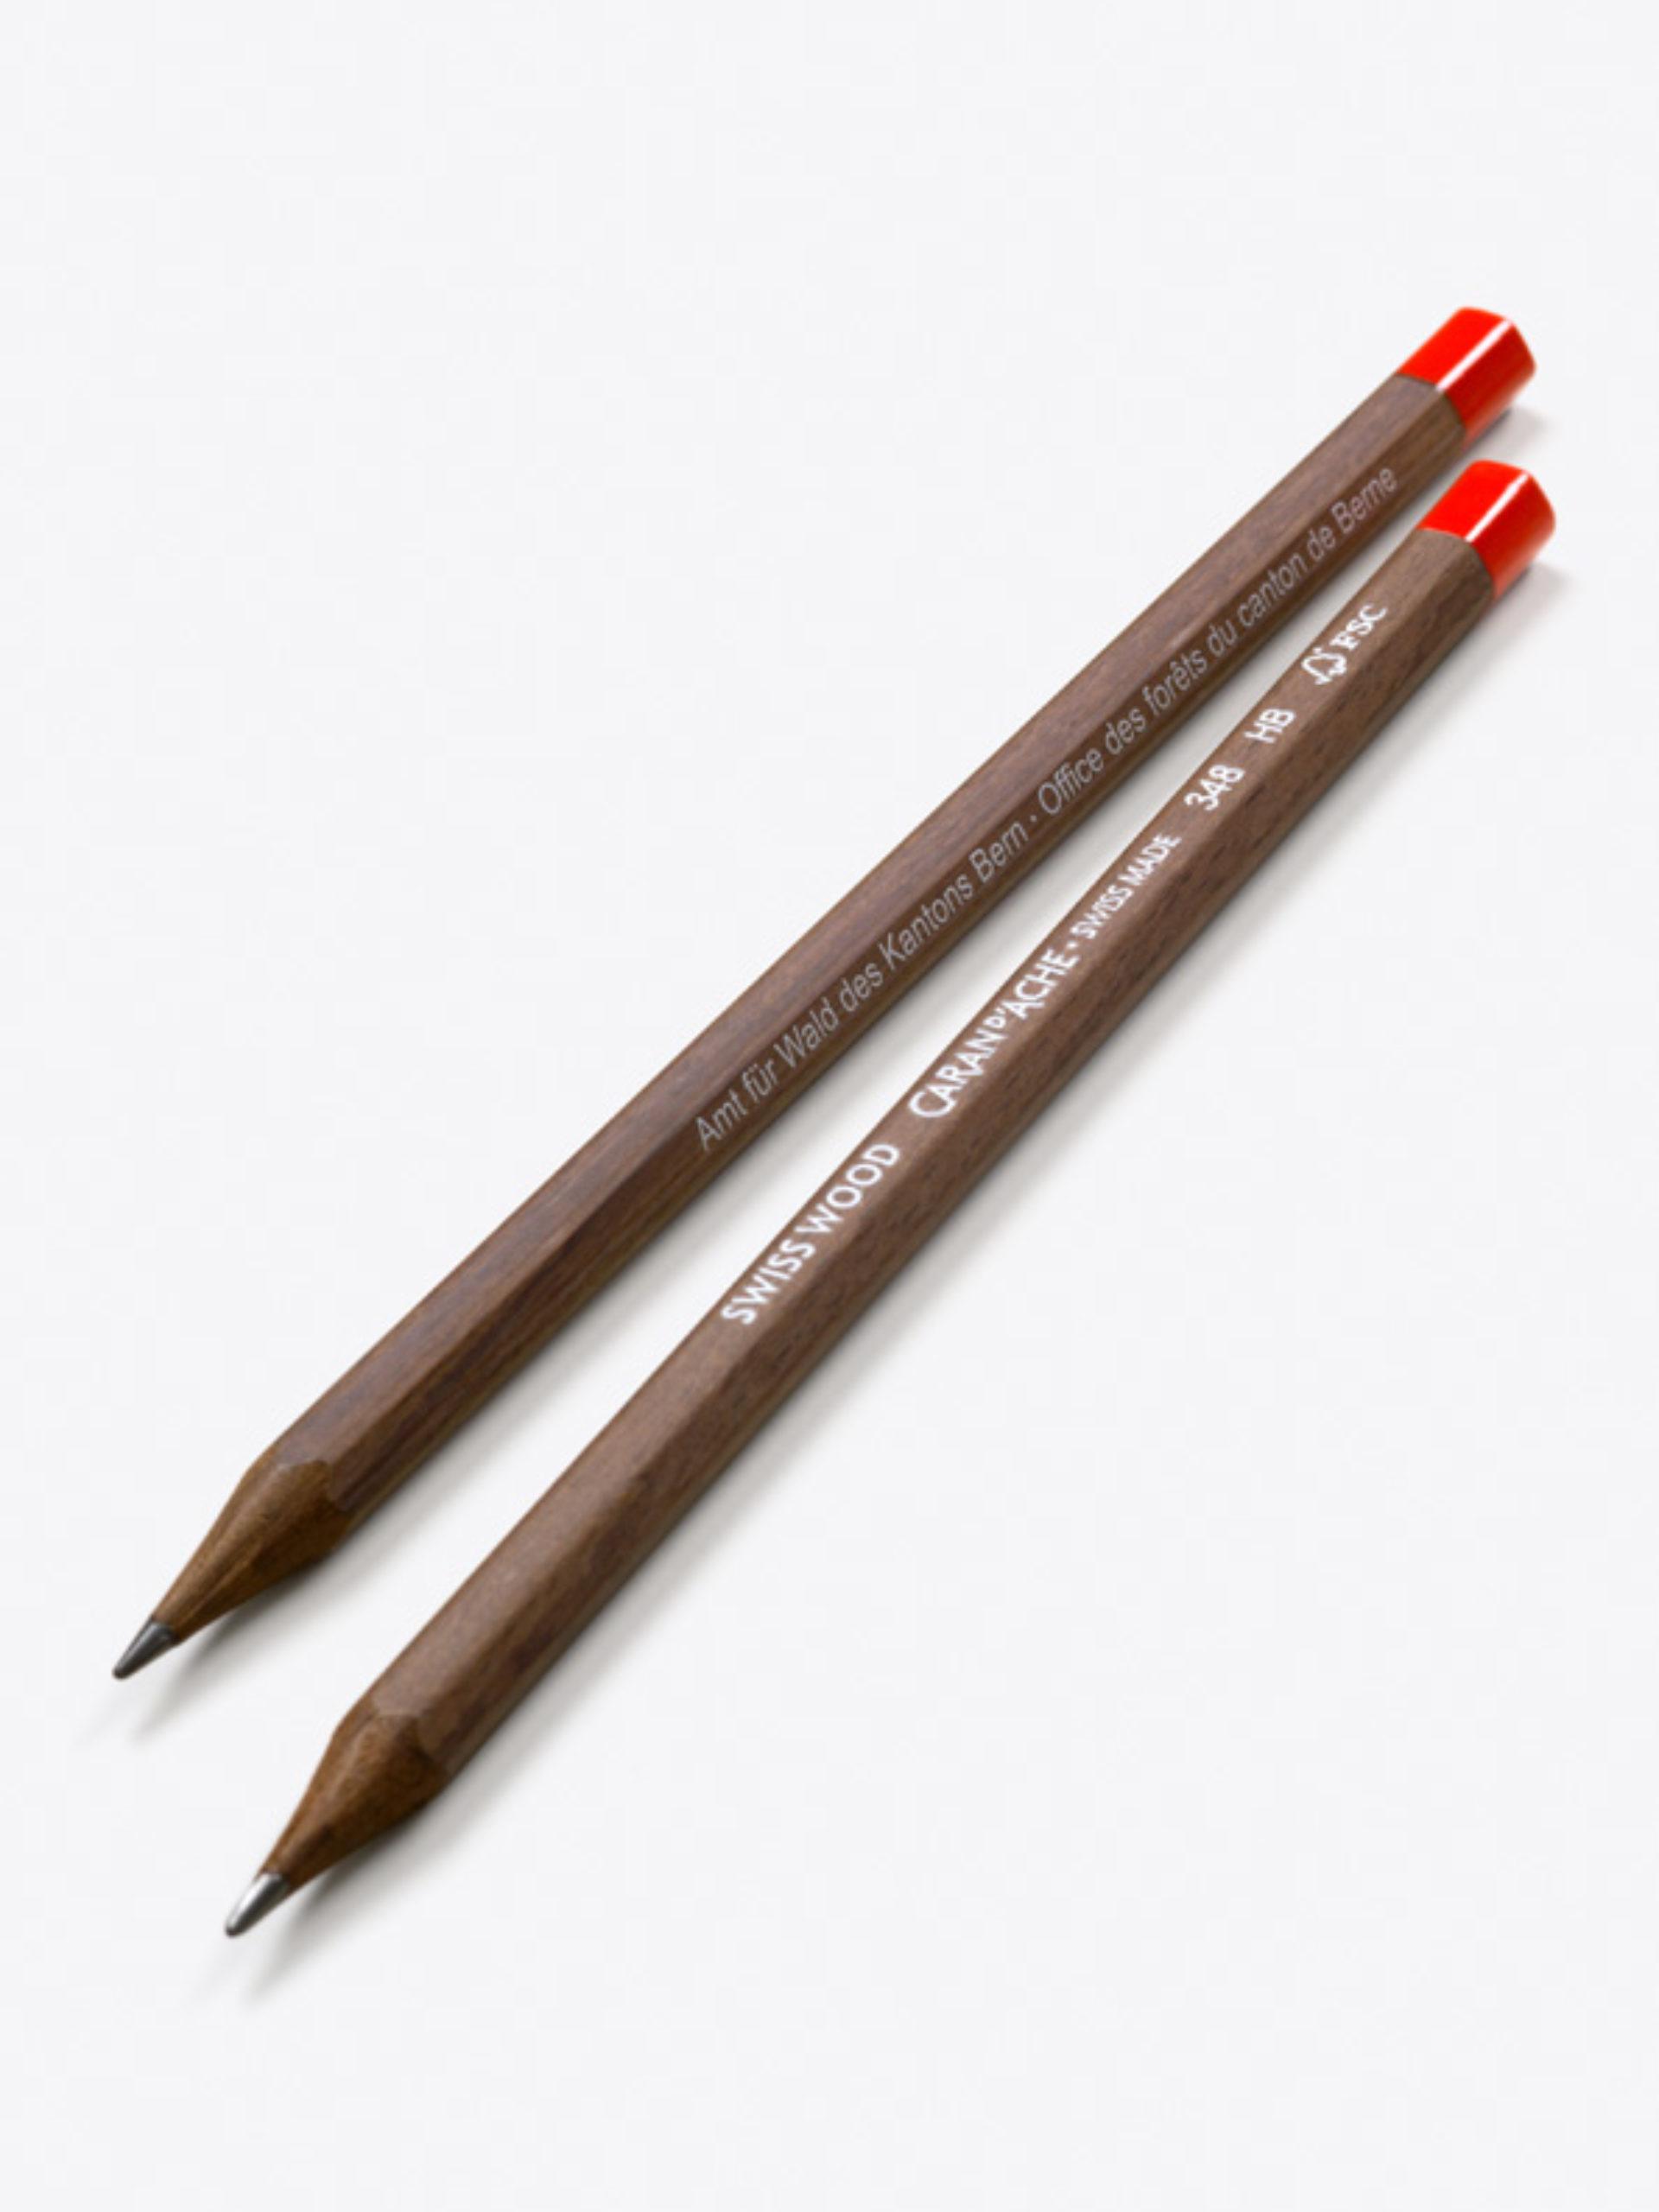 Caran Dache Bleistift Mit Logo Bedruckt Swiss Wood